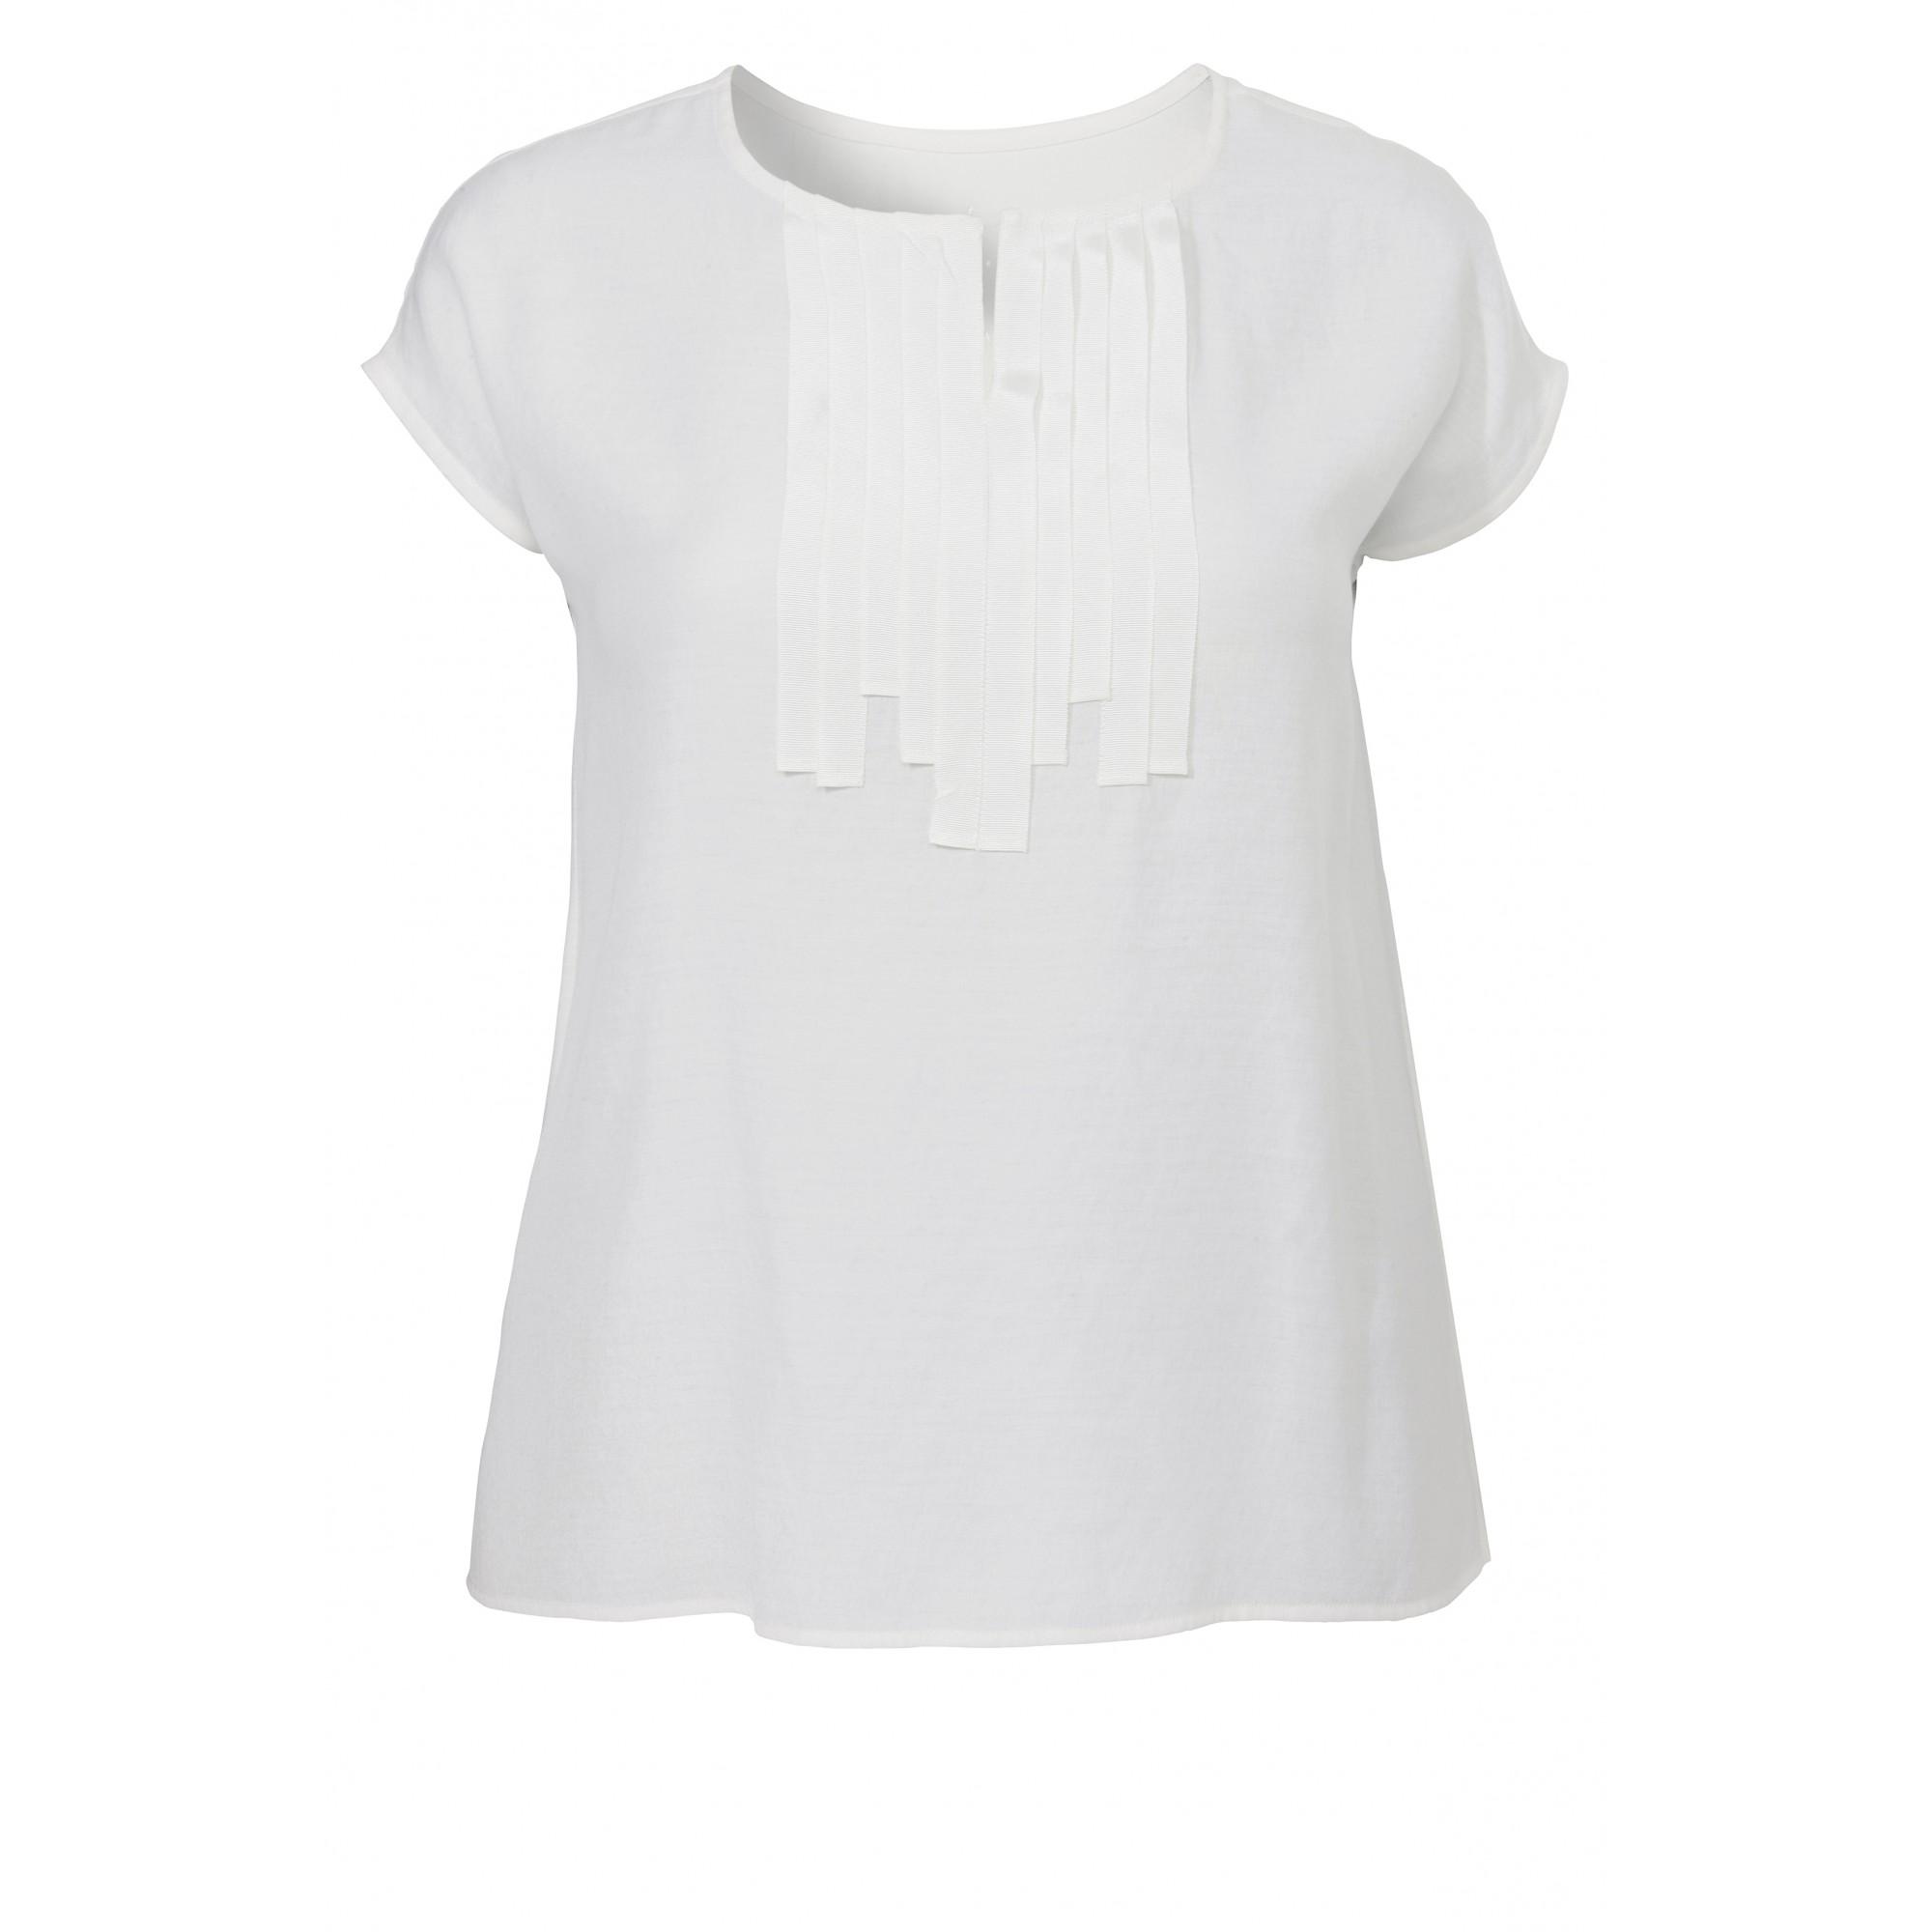 Sommerliches Damen-Shirt /Boheme & Glamour